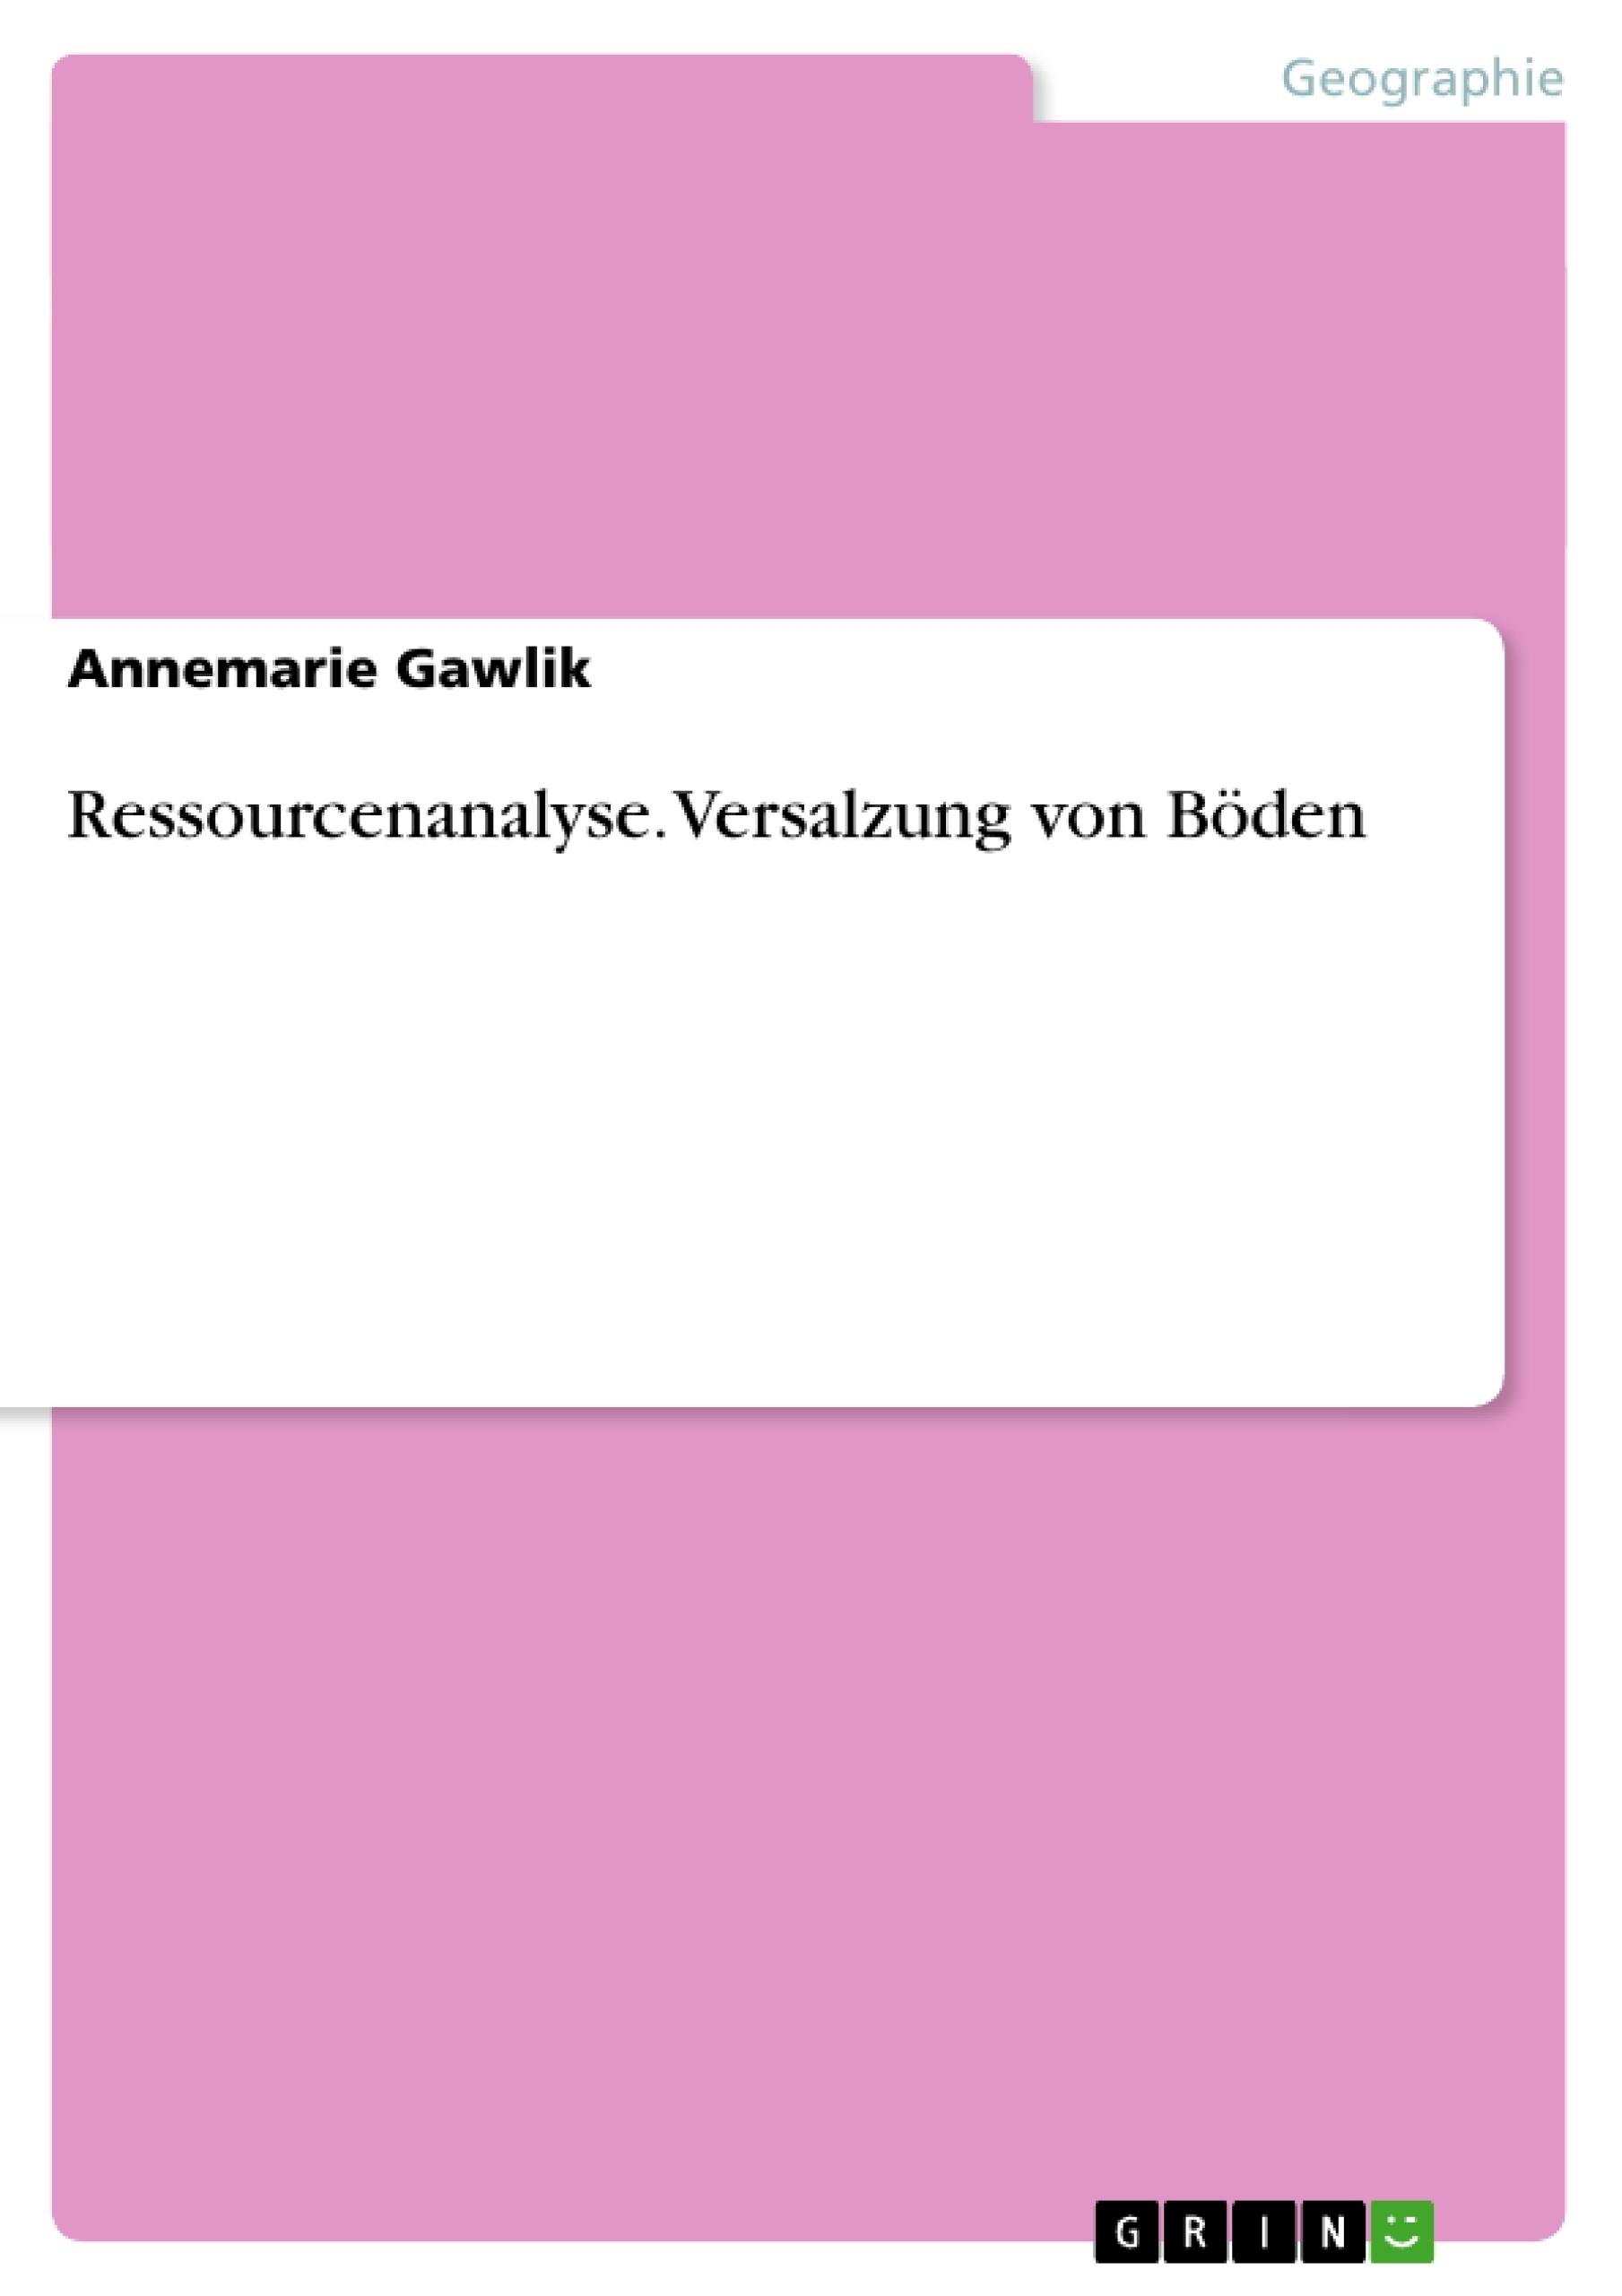 Titel: Ressourcenanalyse. Versalzung von Böden